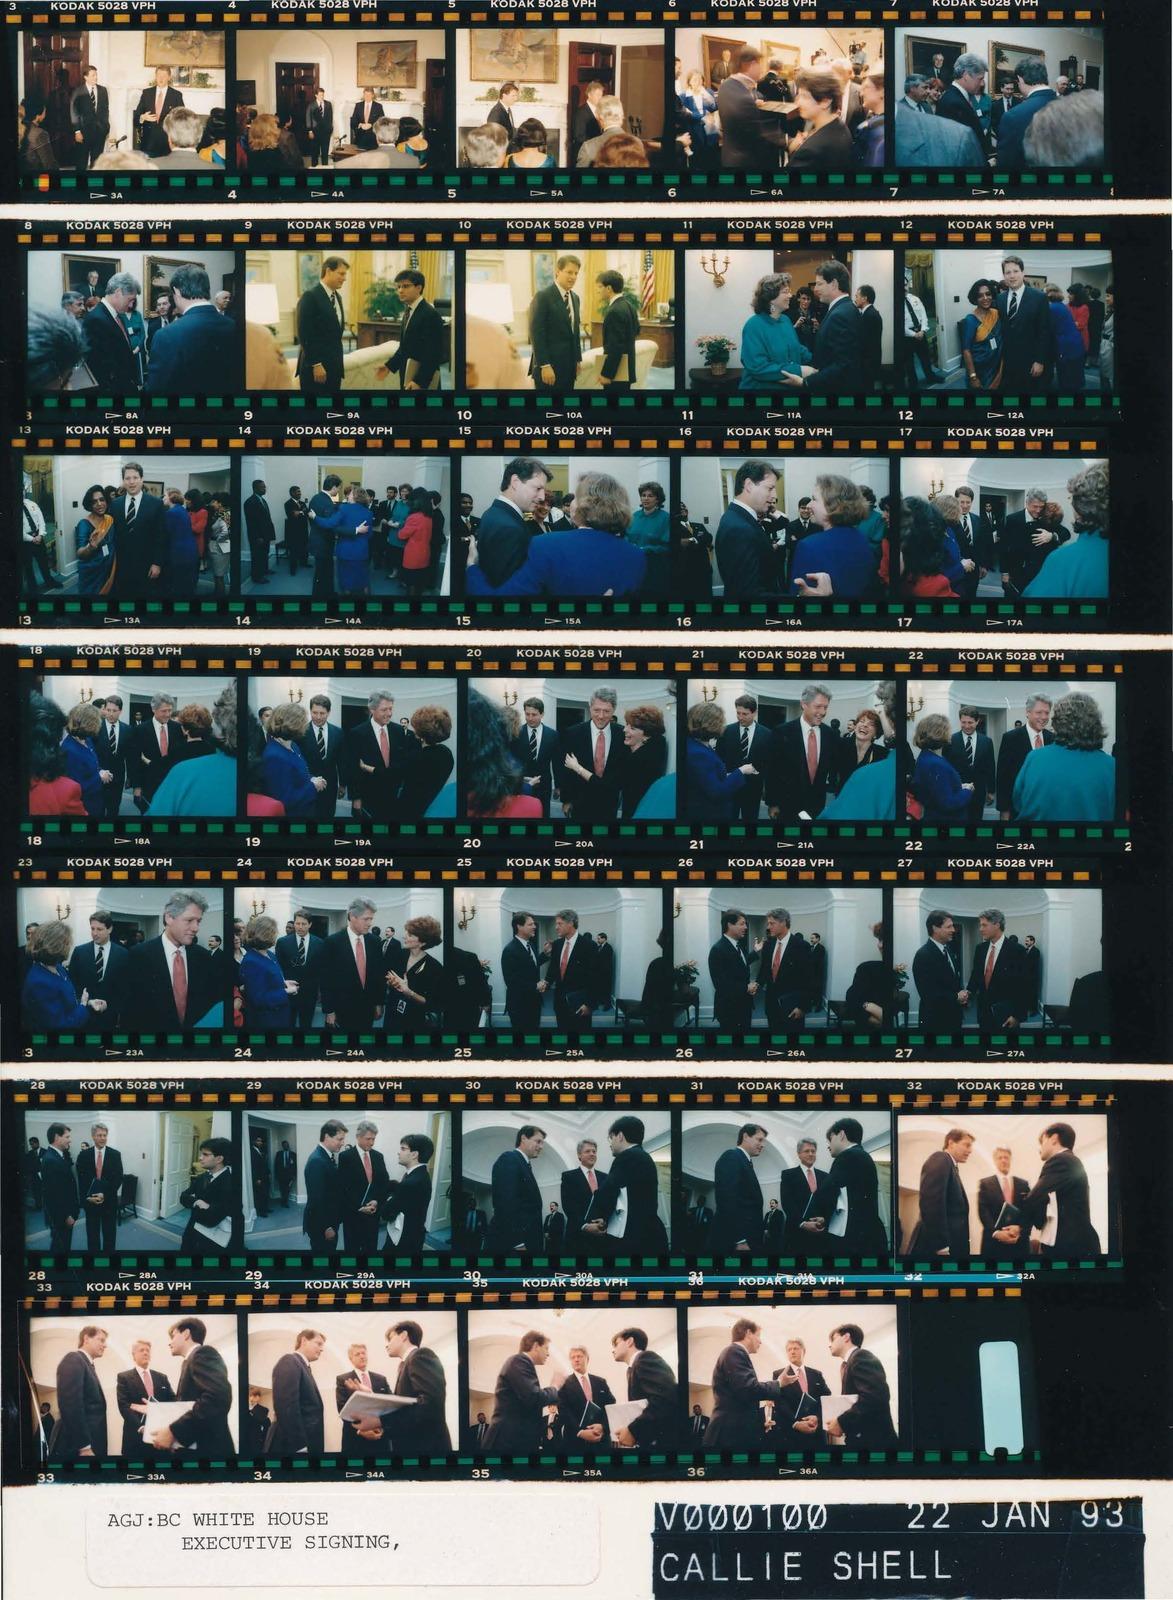 V000100, January 22, 1993